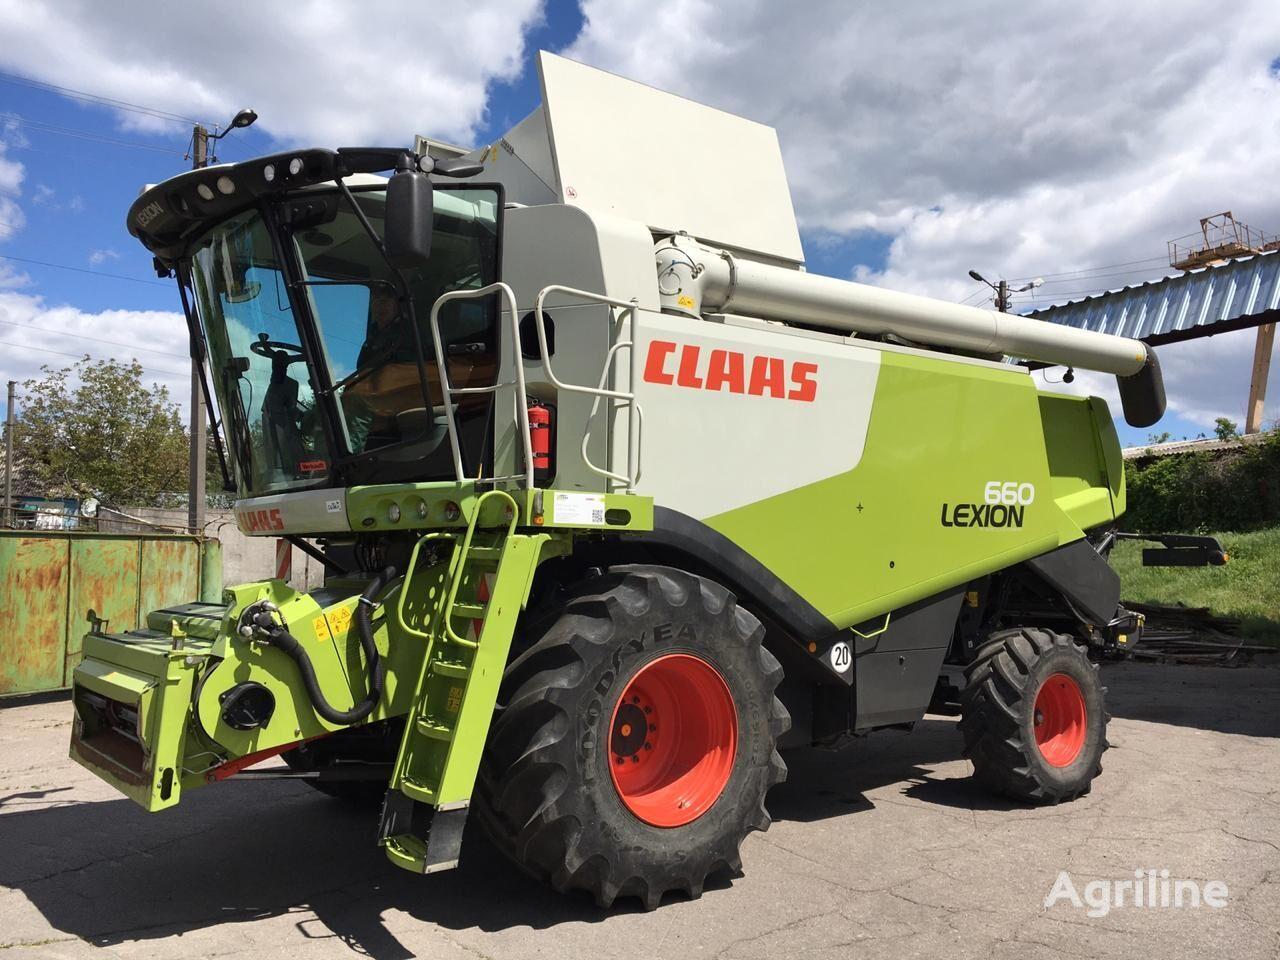 CLAAS Lexion 660 z Nimechchini  cosechadora